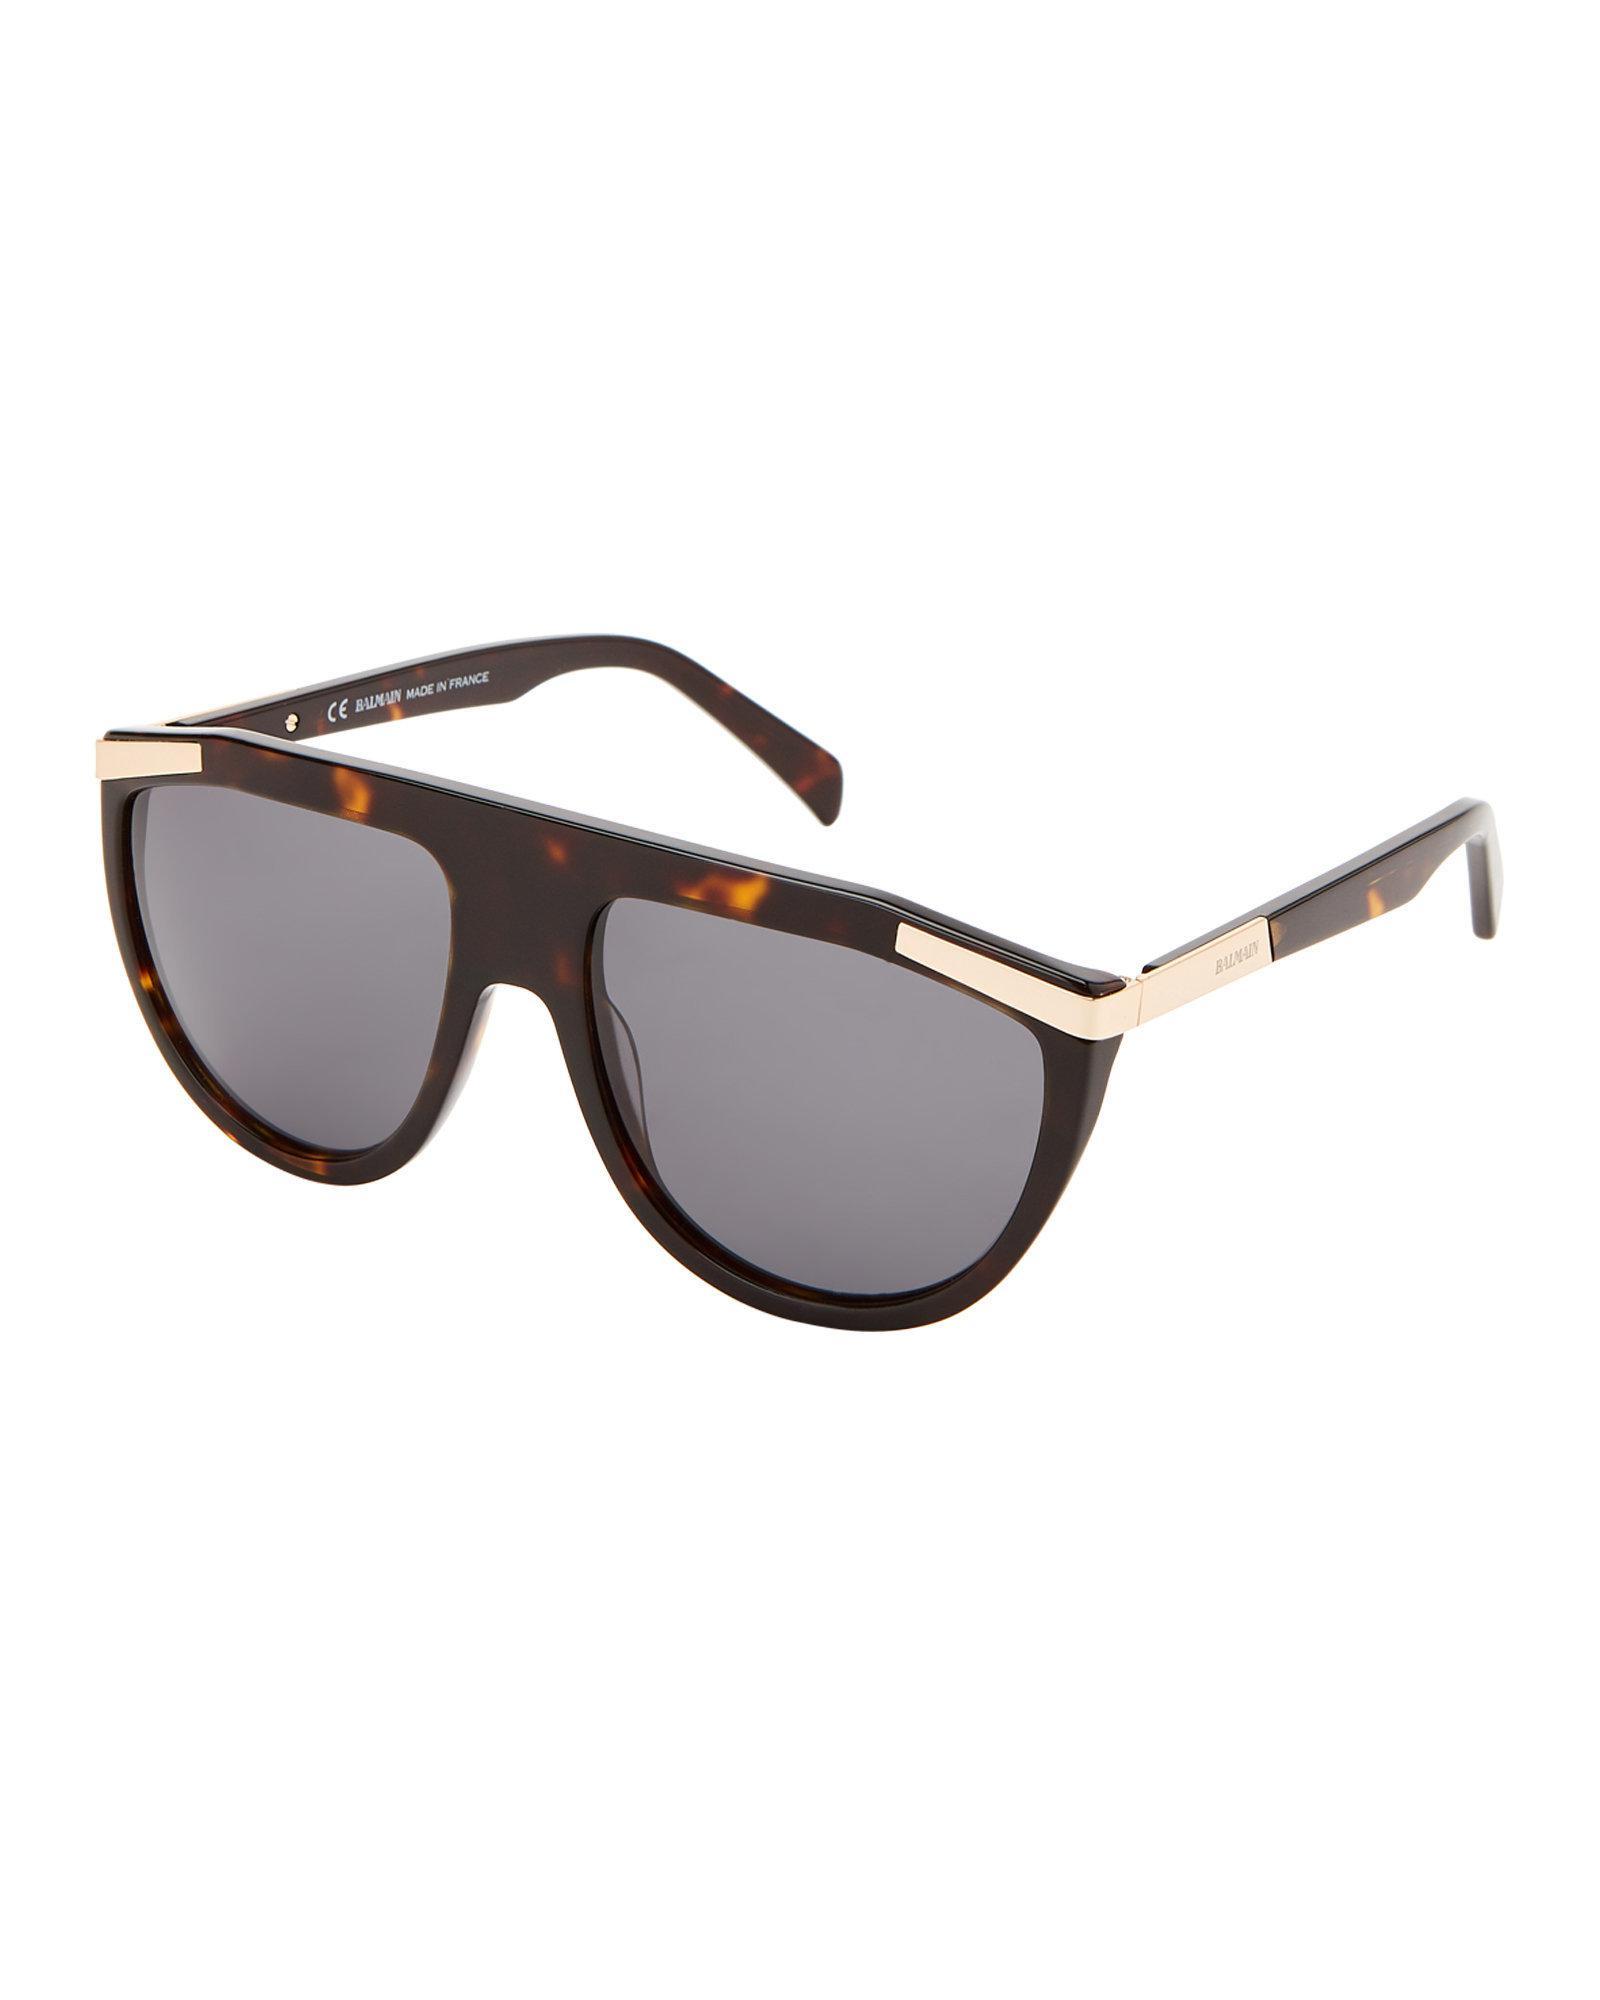 1bfd2cf434f Lyst - Balmain Bl2114 Dark Tortoiseshell-look Flat Top Sunglasses